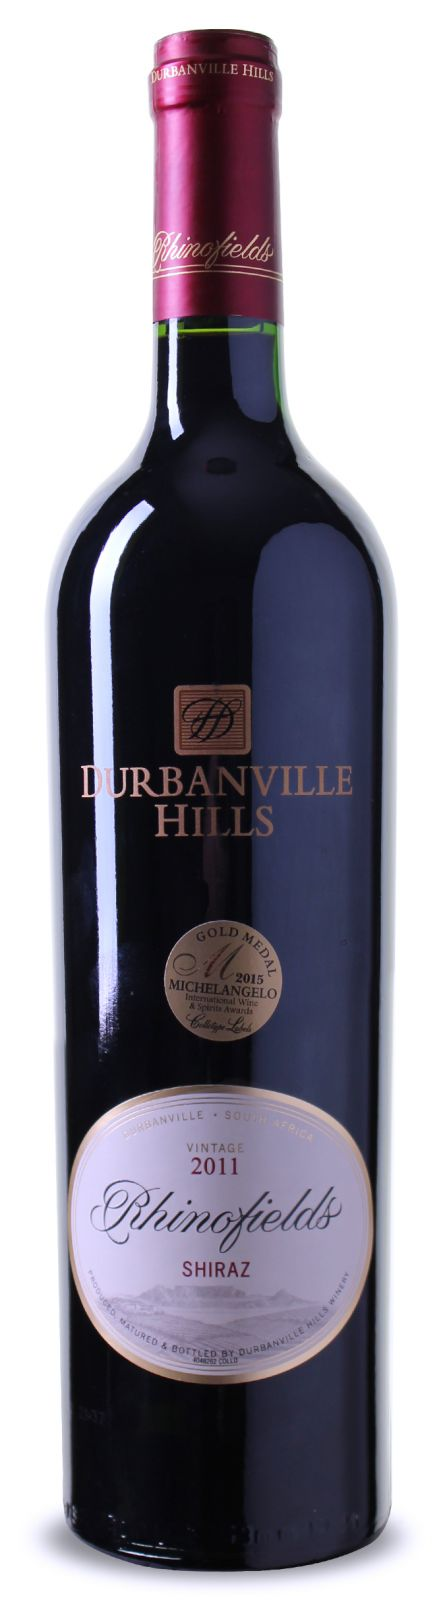 durbanville-hills-rhinofields-shiraz_bottle-500x500.jpg